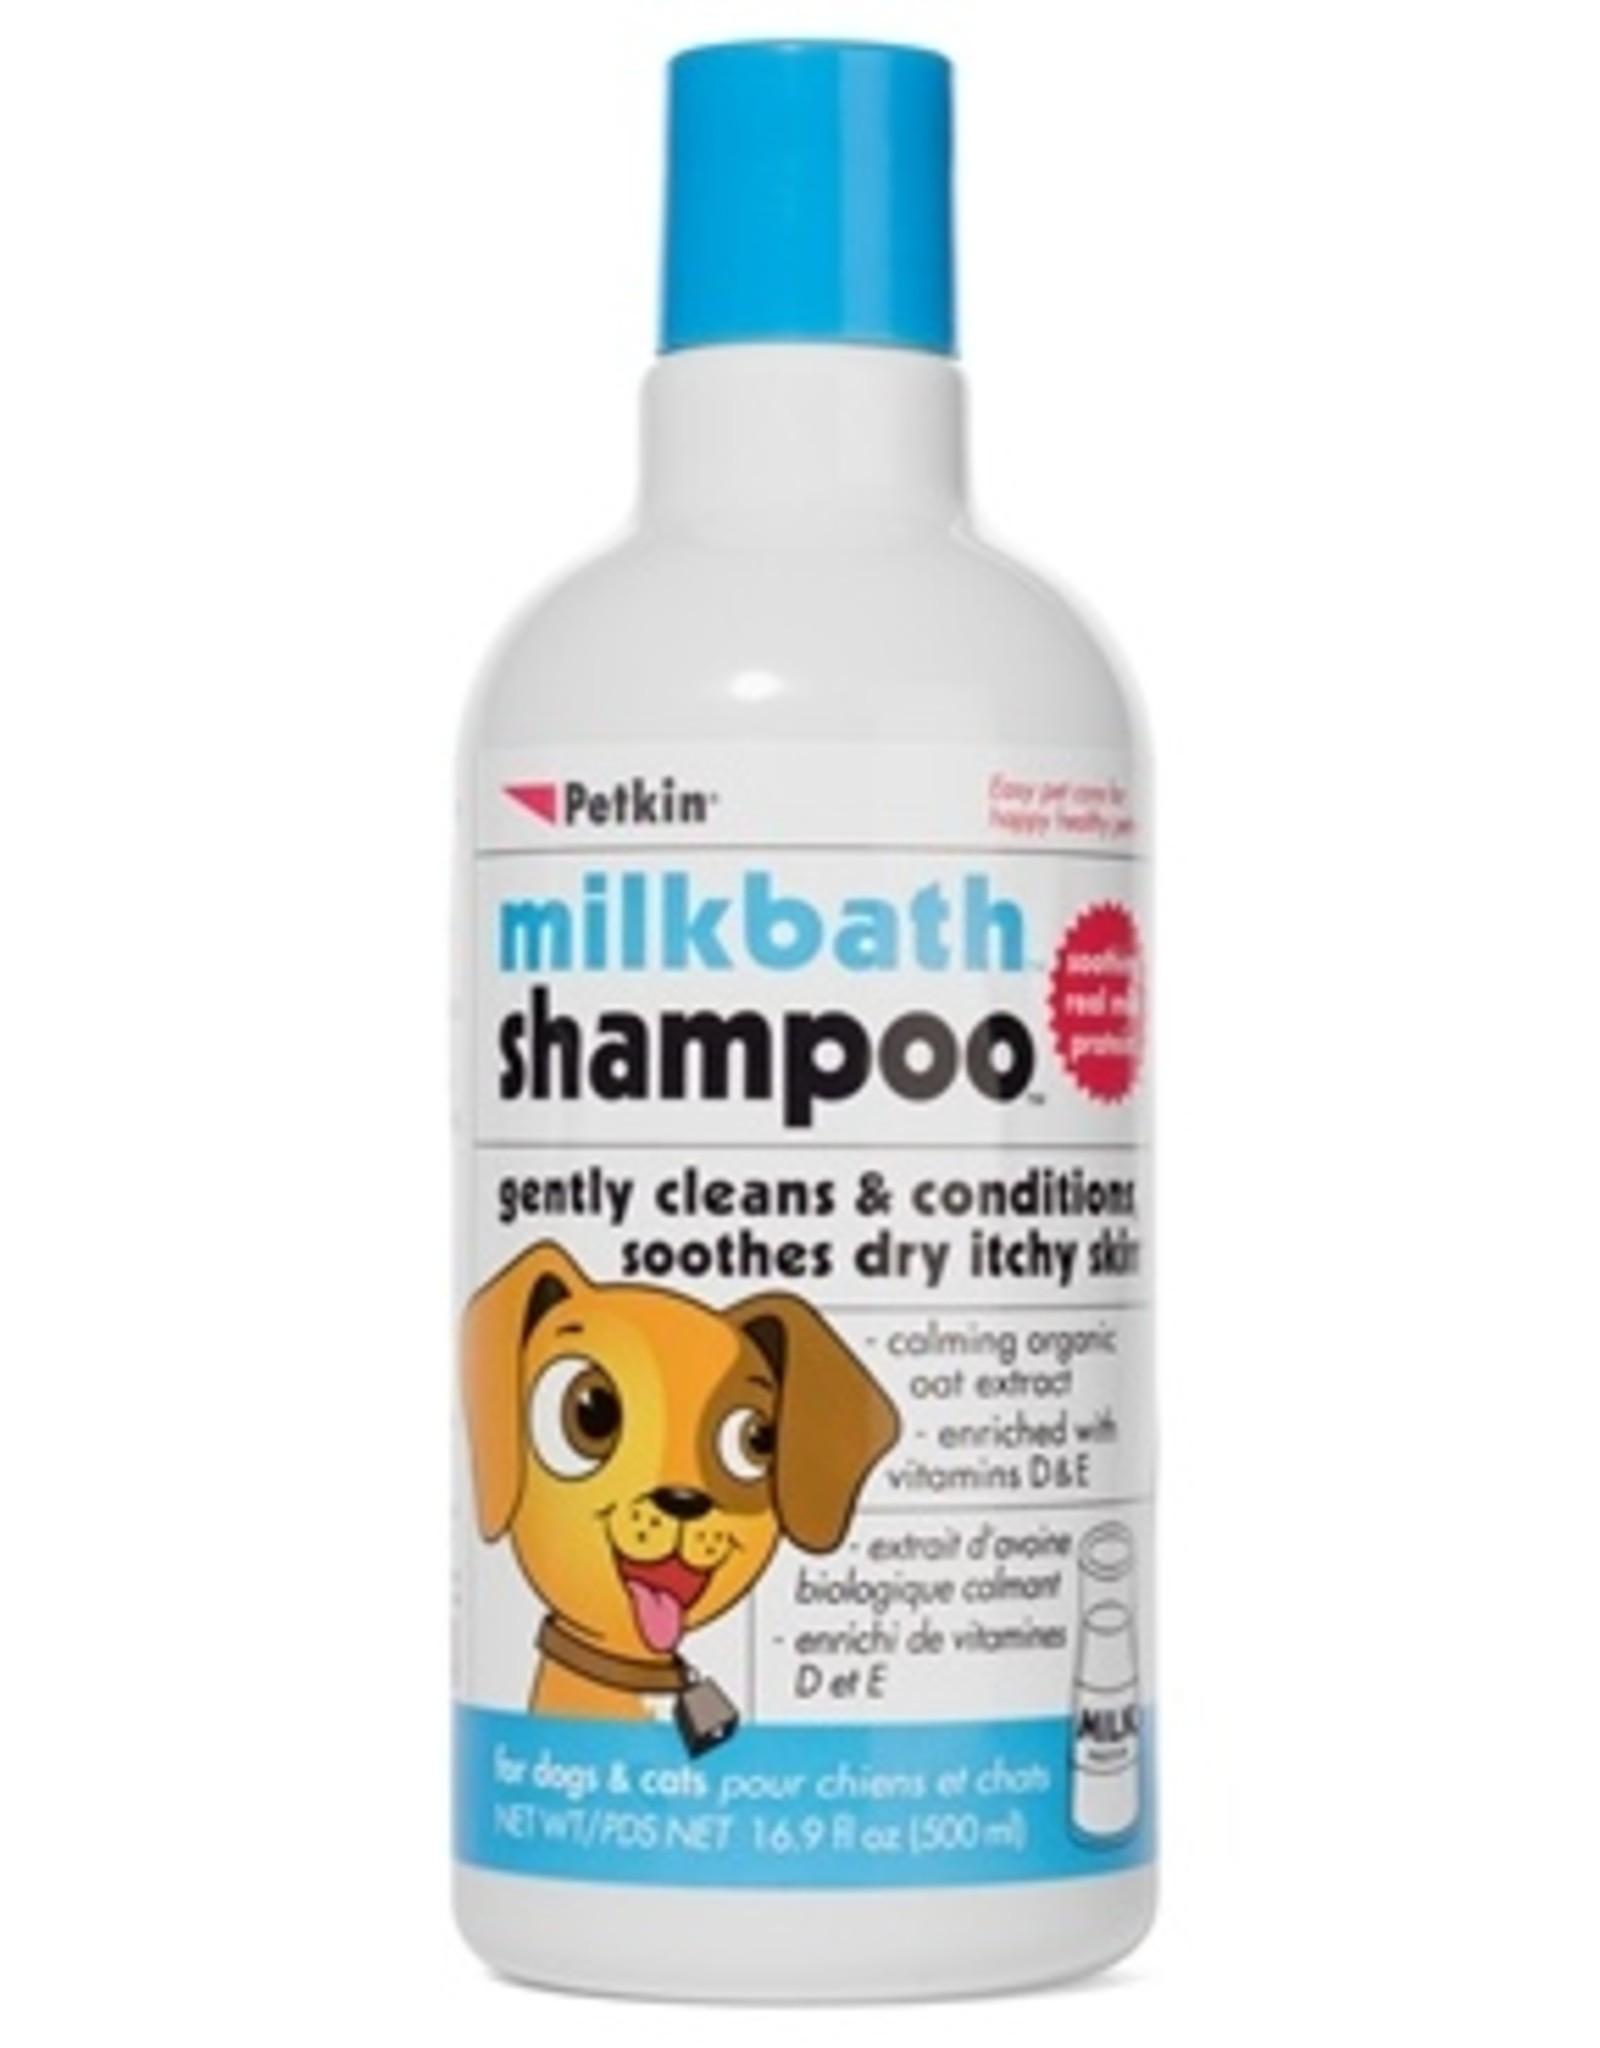 PetKin Petkin - Milkbath Shampoo